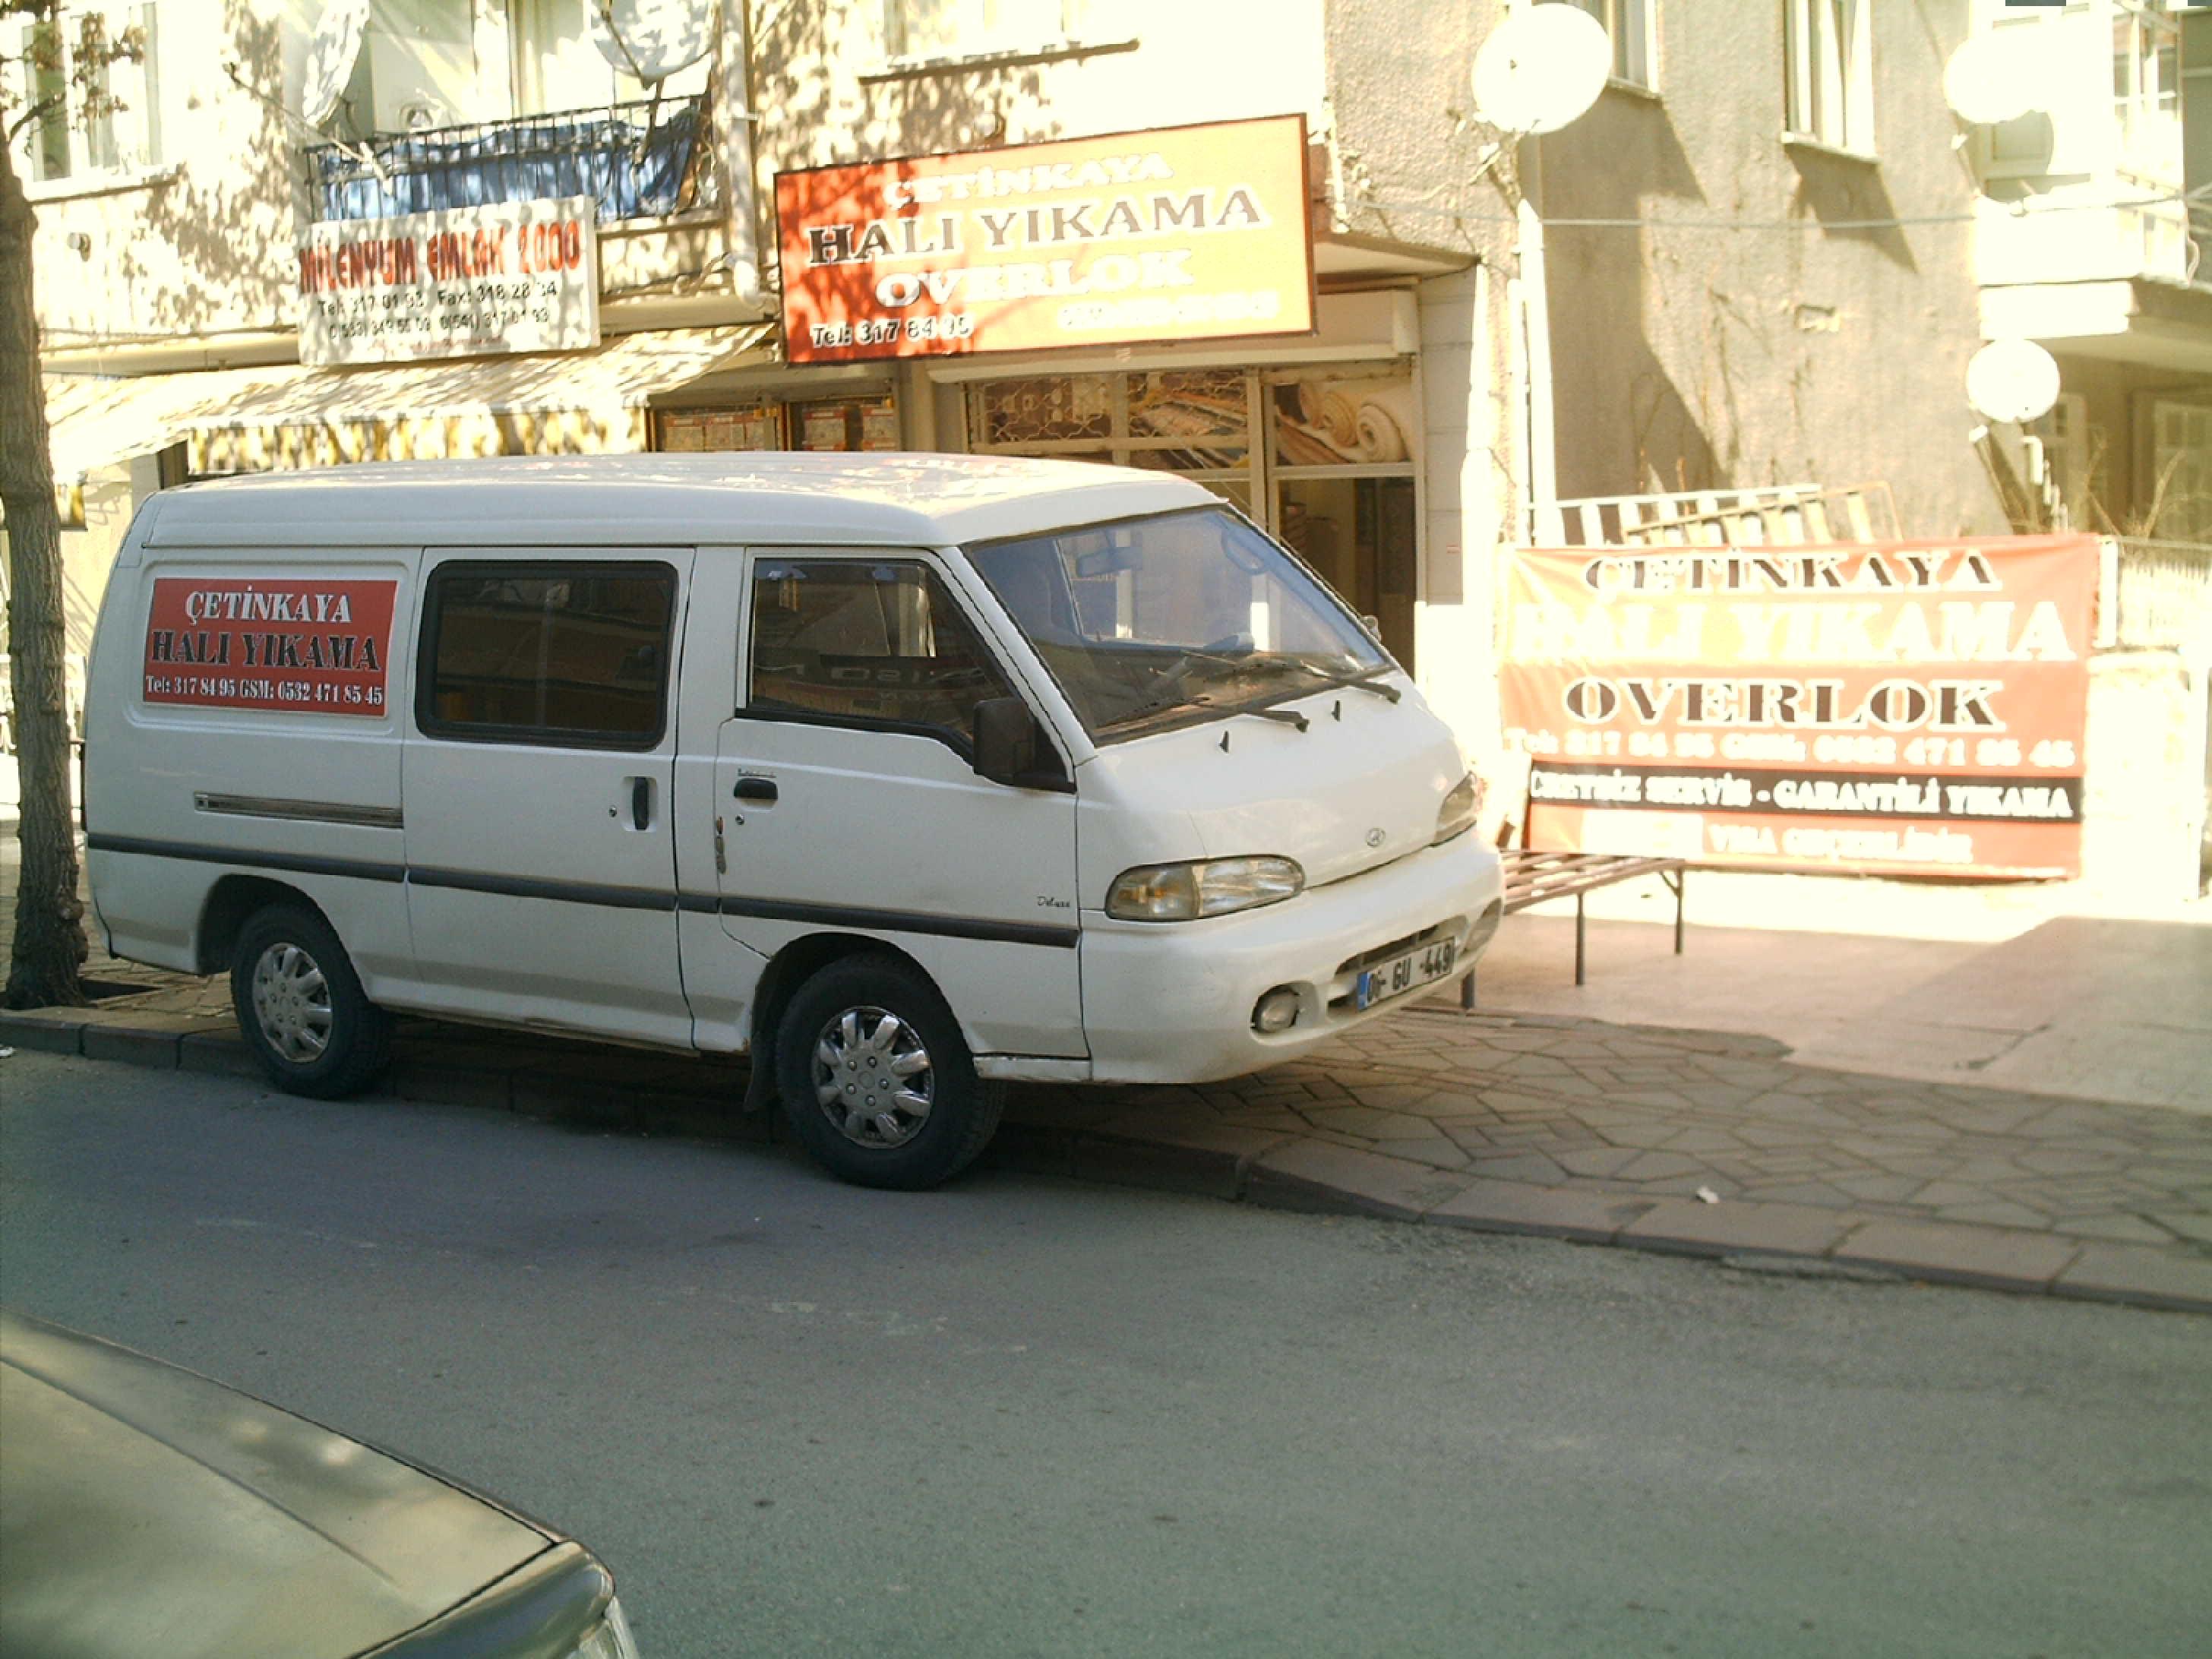 suvari_hali_yikama_servis-1 (3)